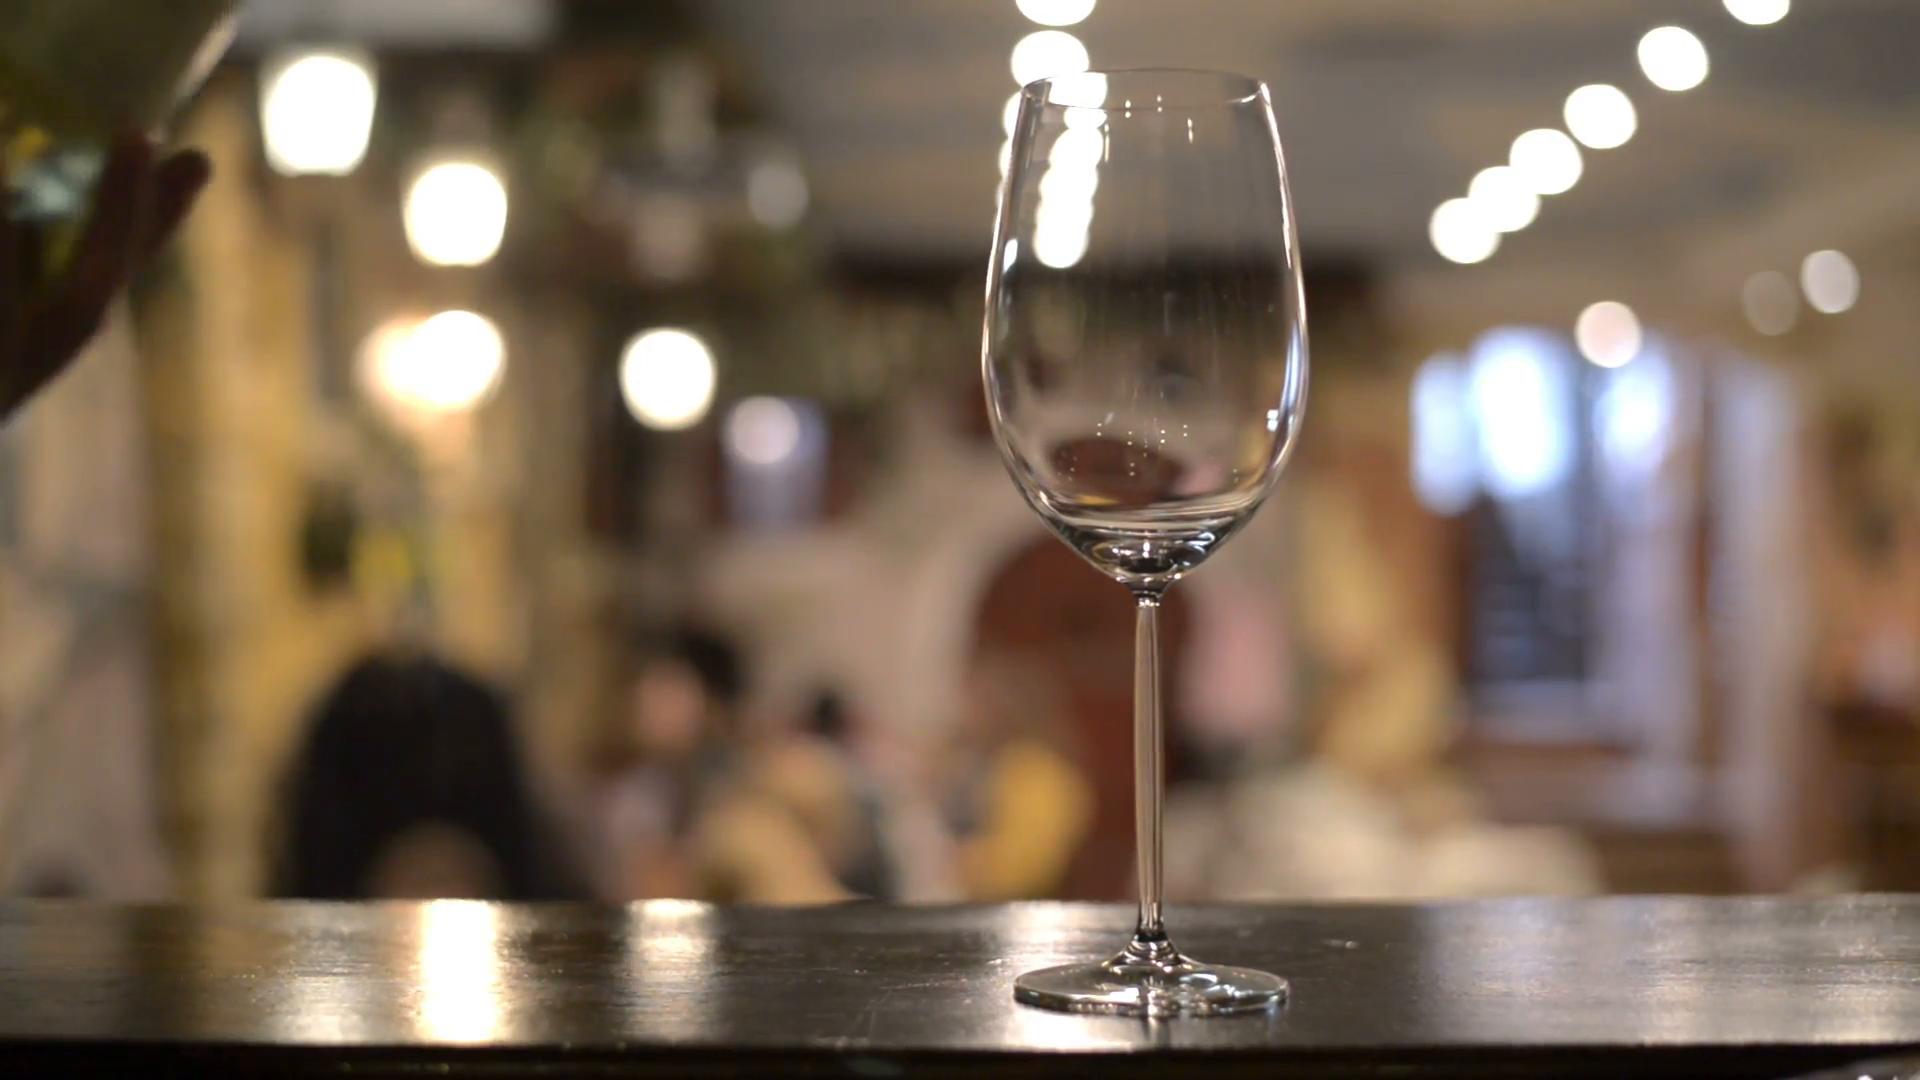 Milano come ti riempiono il bicchiere